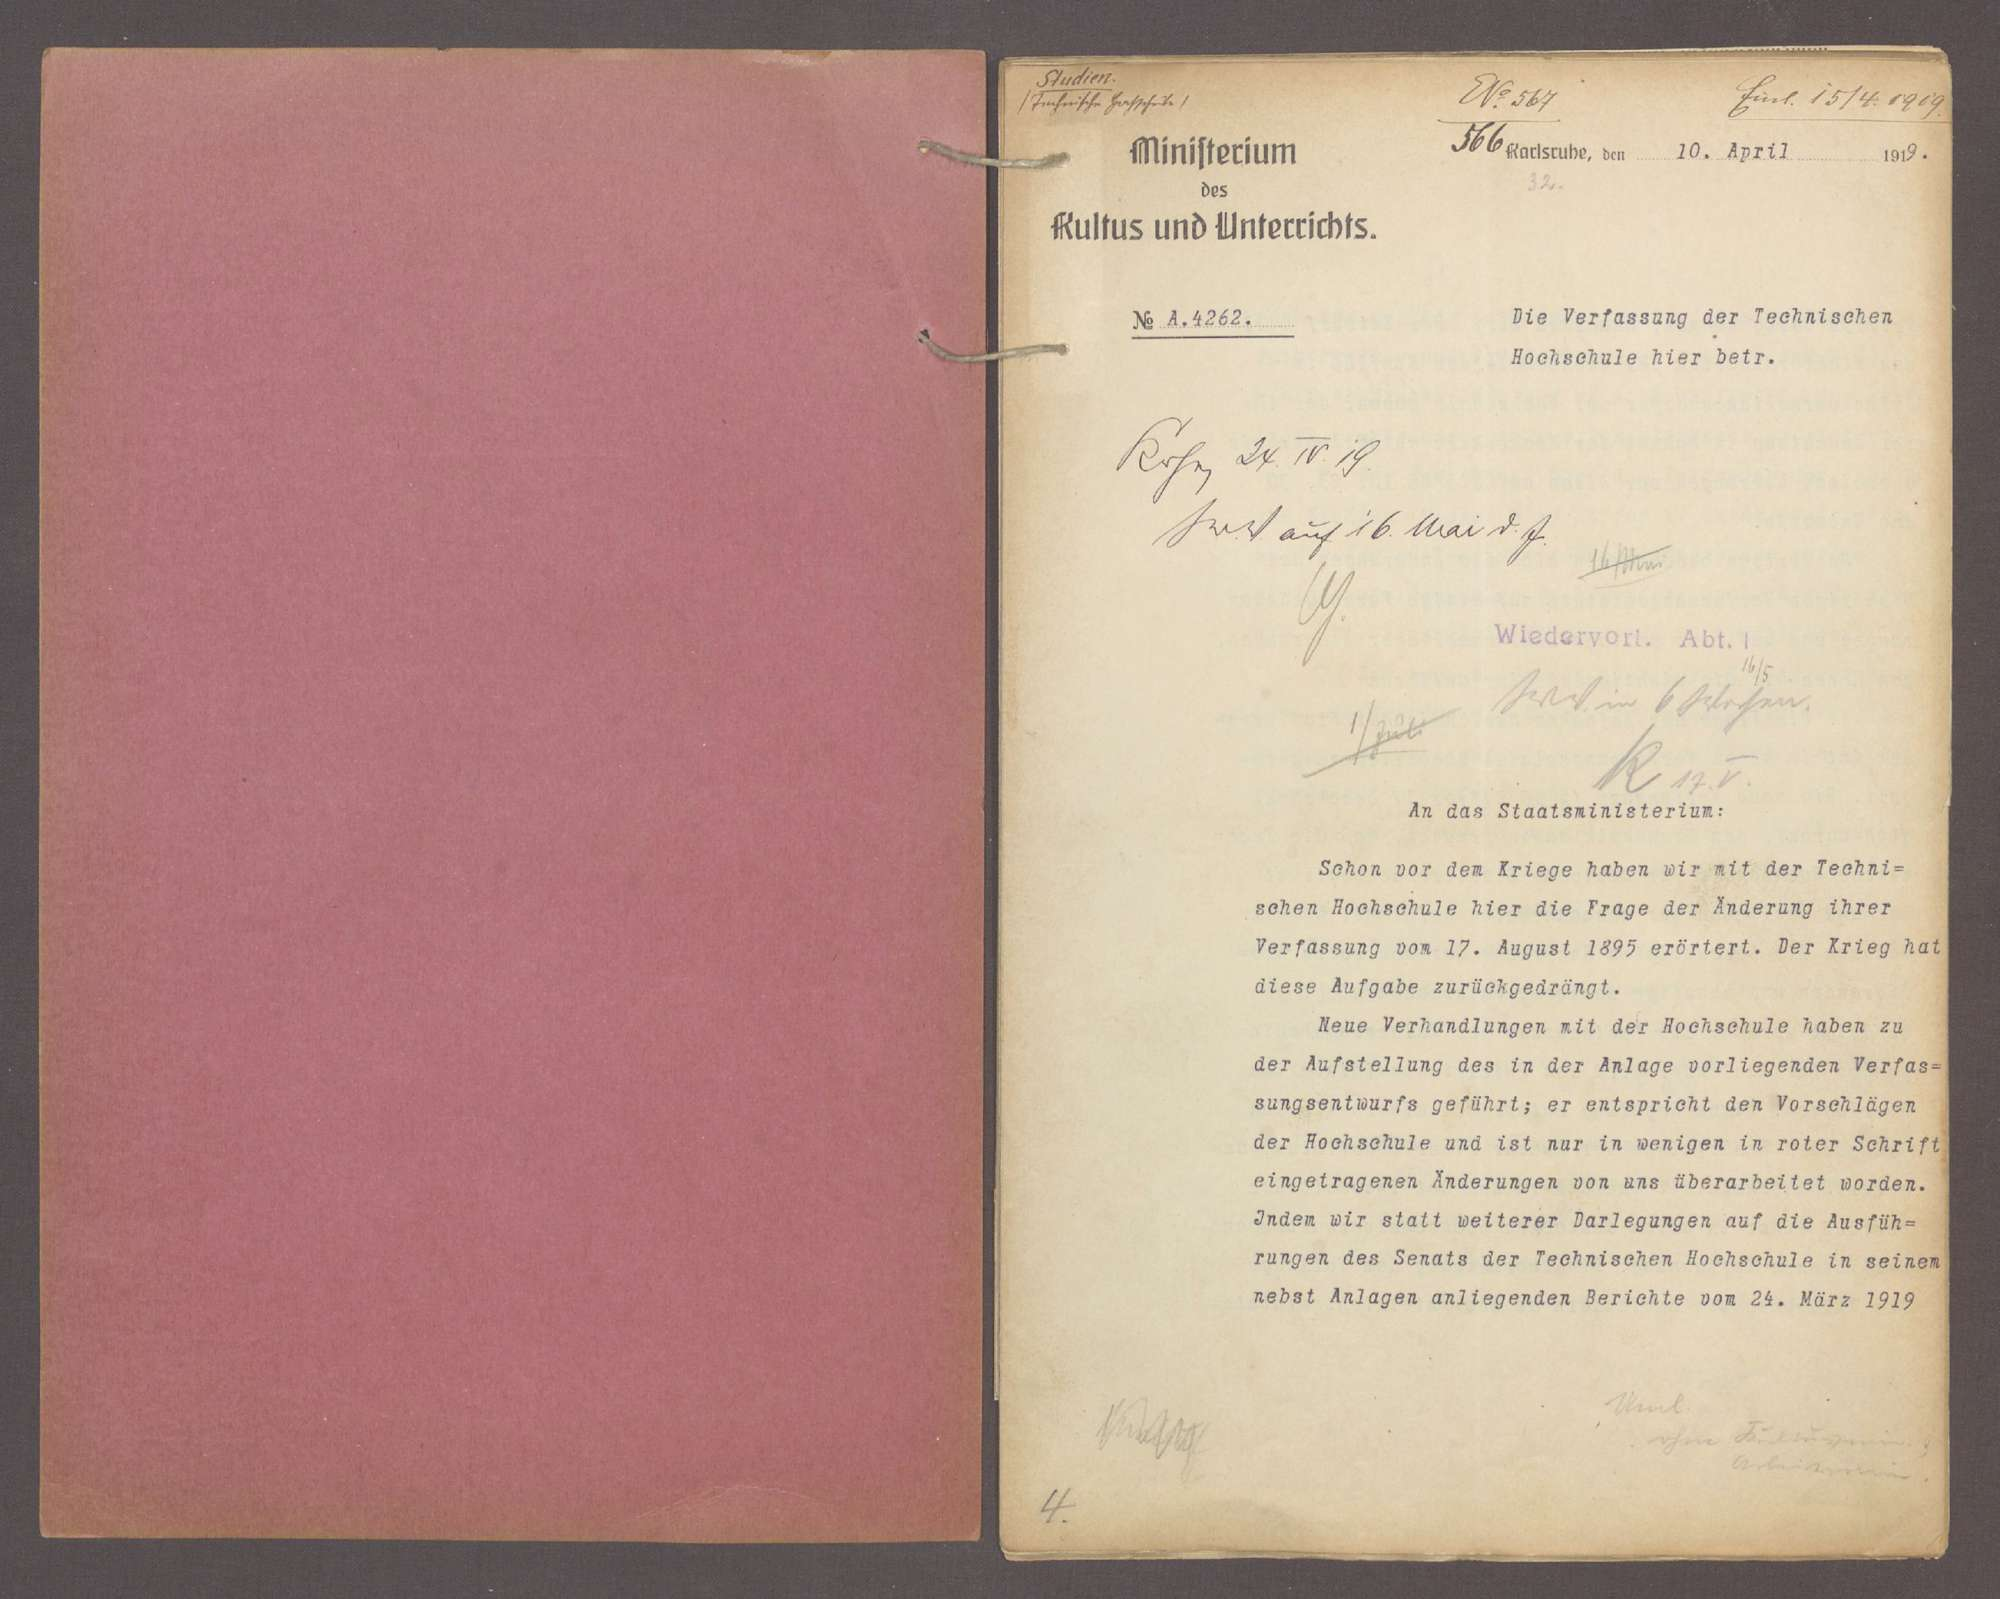 Die Verfassung der Technischen Hochschule Karlsruhe, Bild 2